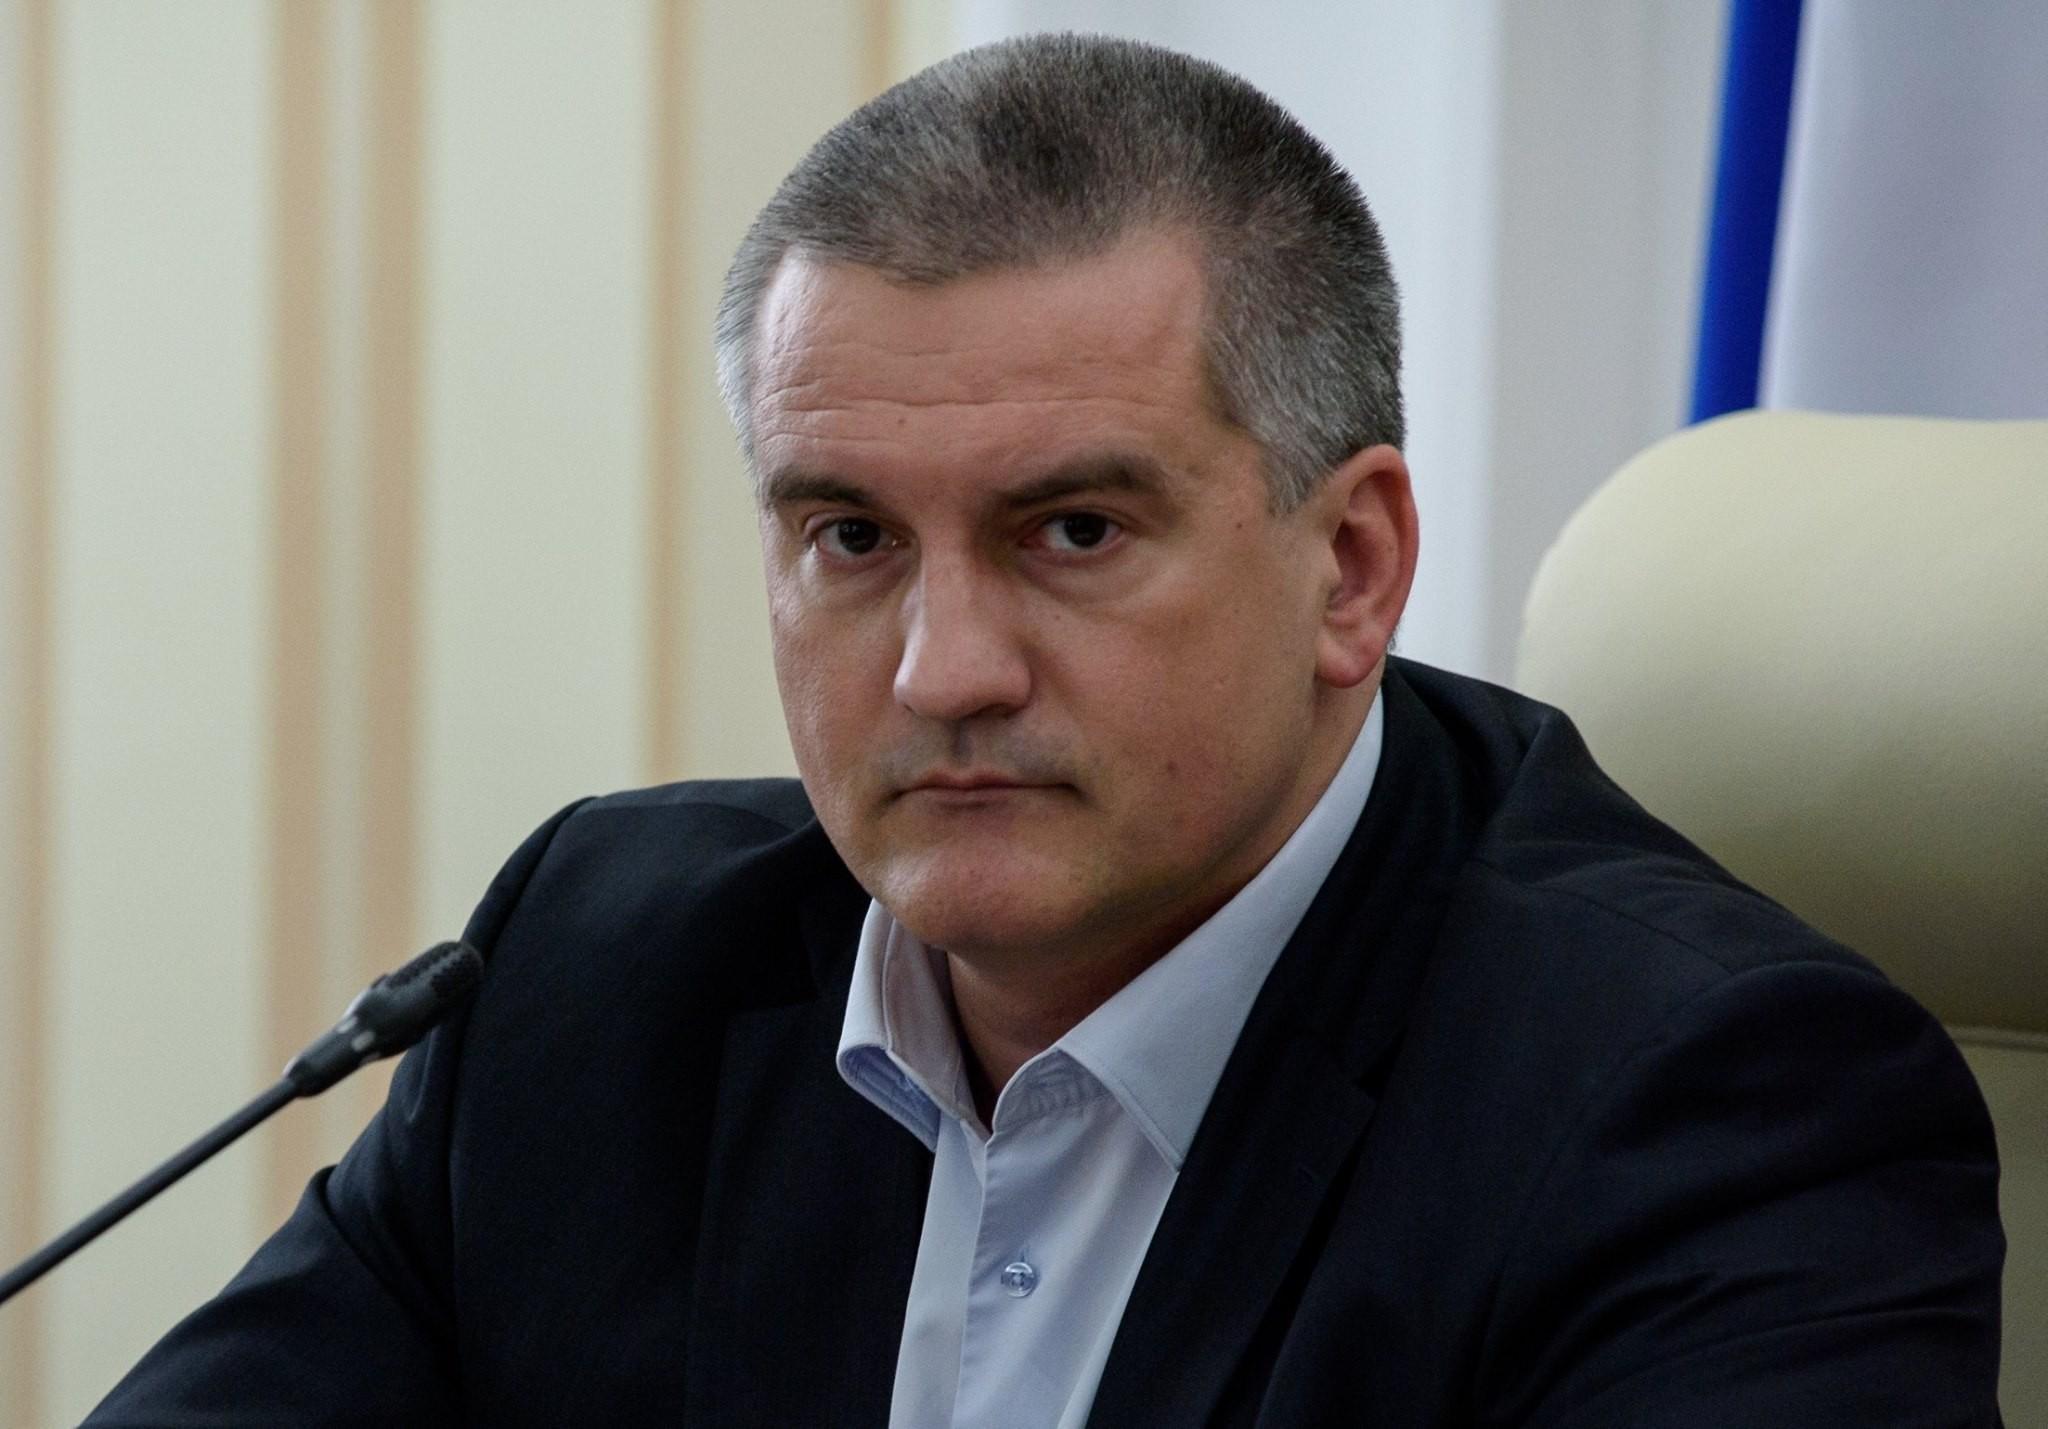 Киев накажет санкциями «душителей свободы слова» вКрыму